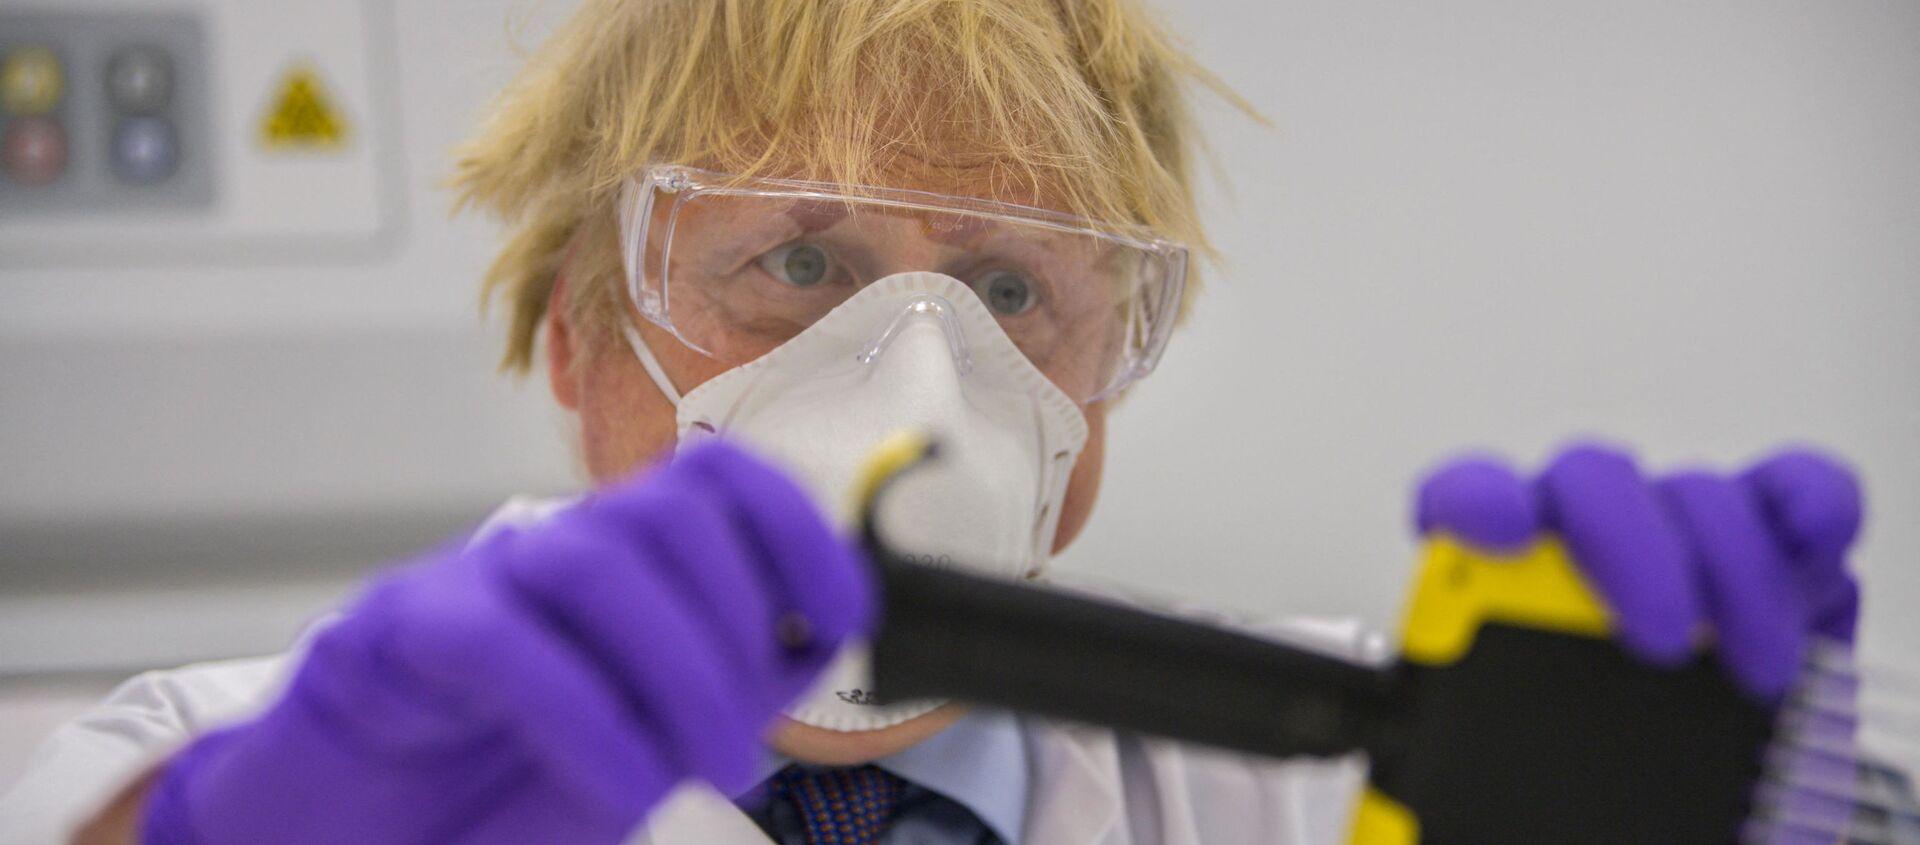 Le Premier Ministre britannique Boris Johnson, dans les locaux de Valneva à Livington, le 28 janvier 2021. - Sputnik France, 1920, 10.08.2021